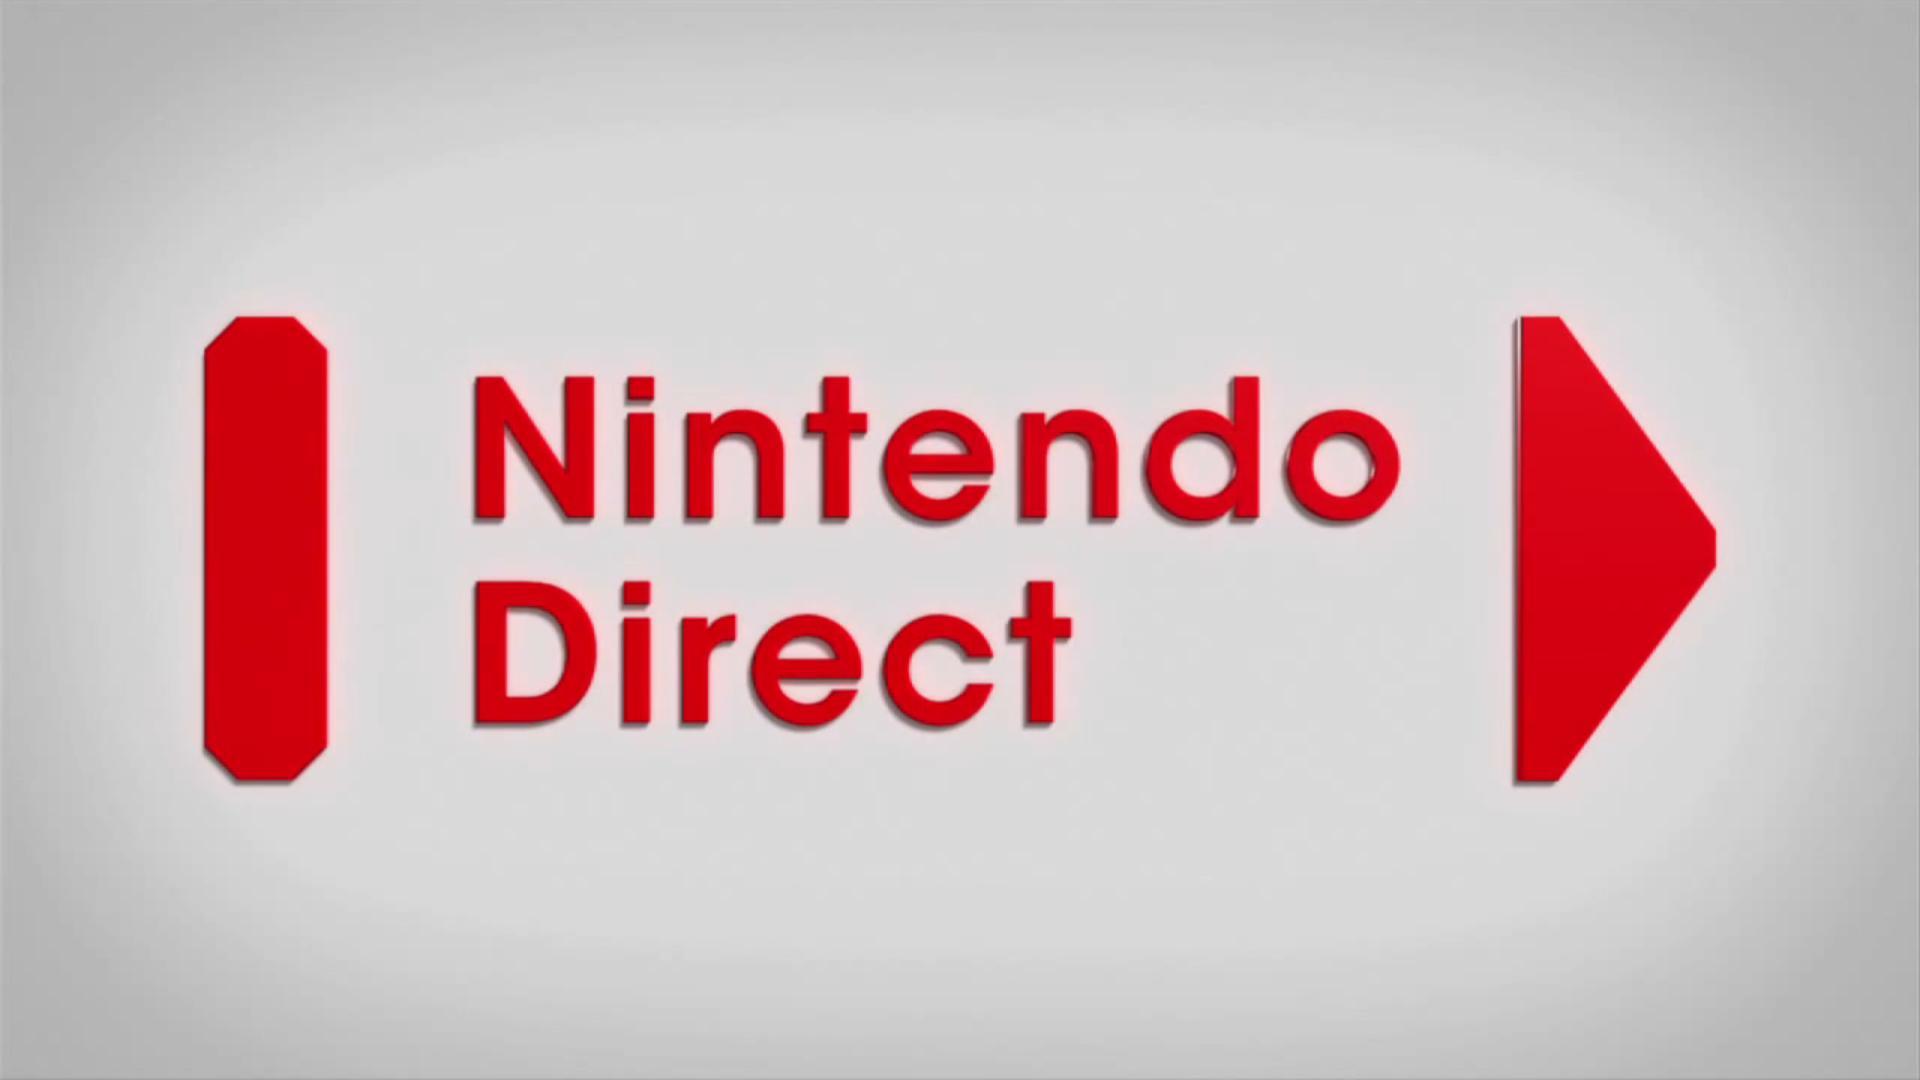 Die Nintendo Direct ab 15 Uhr im Livestream - GamezGeneration